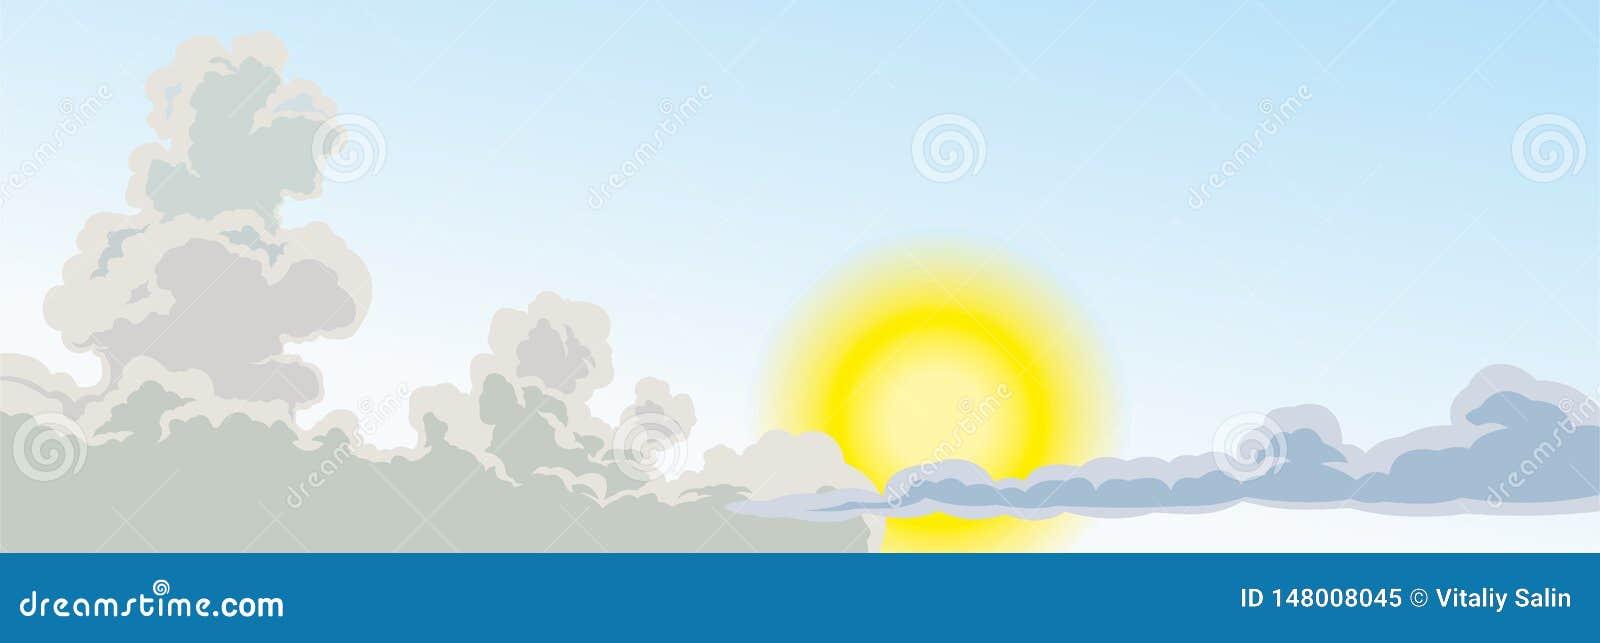 Hemel met wolken en heldere zon zon en wolken, ontwerp voor uw projecten